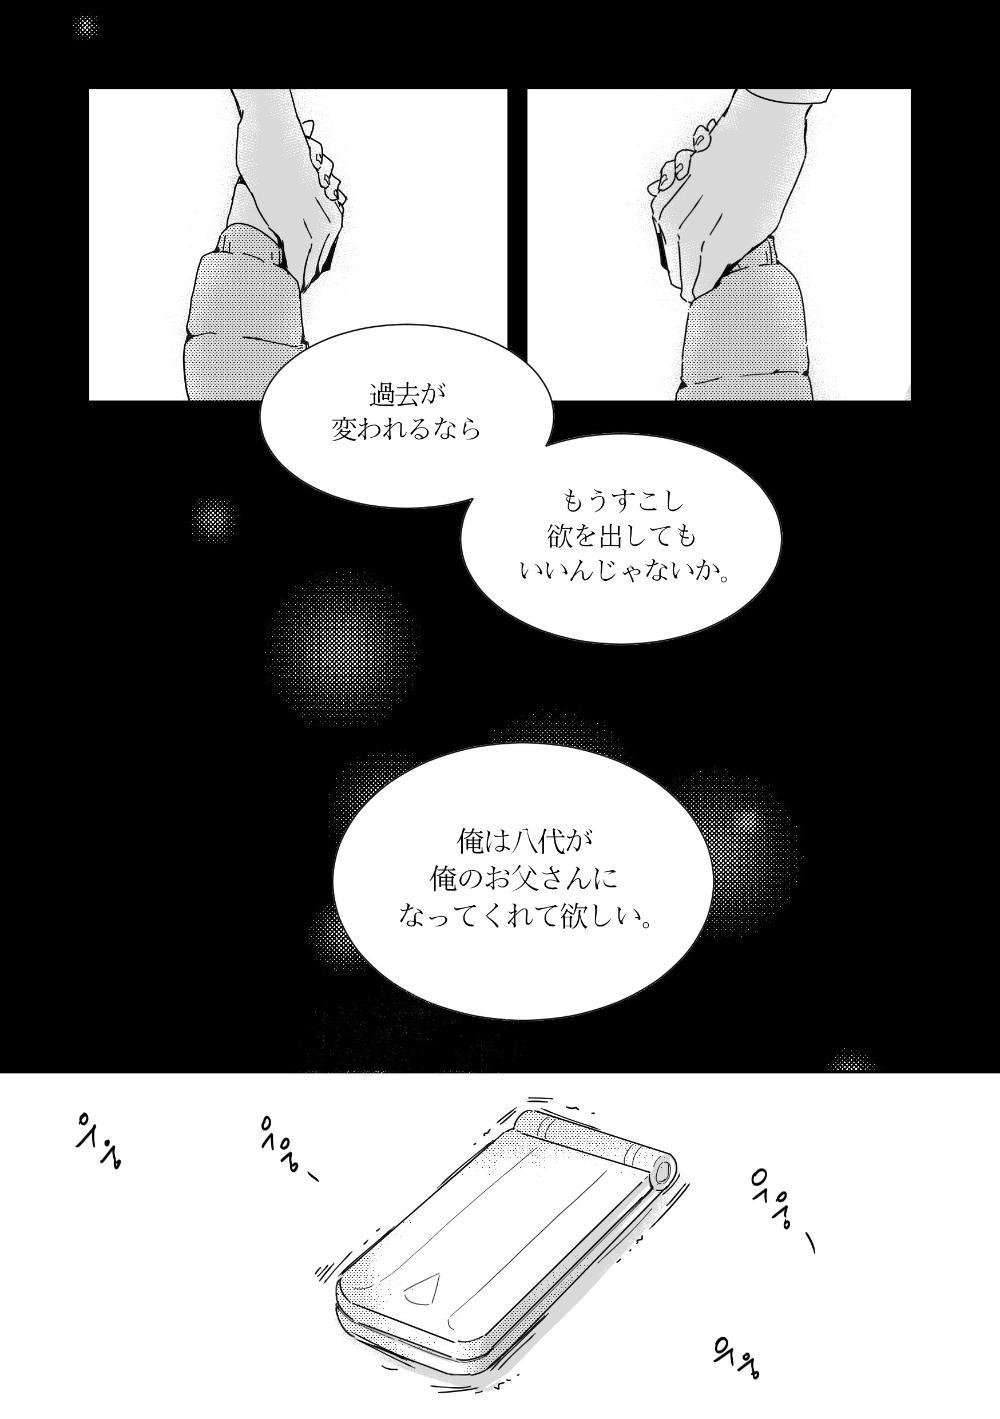 YashiSato Manga 5